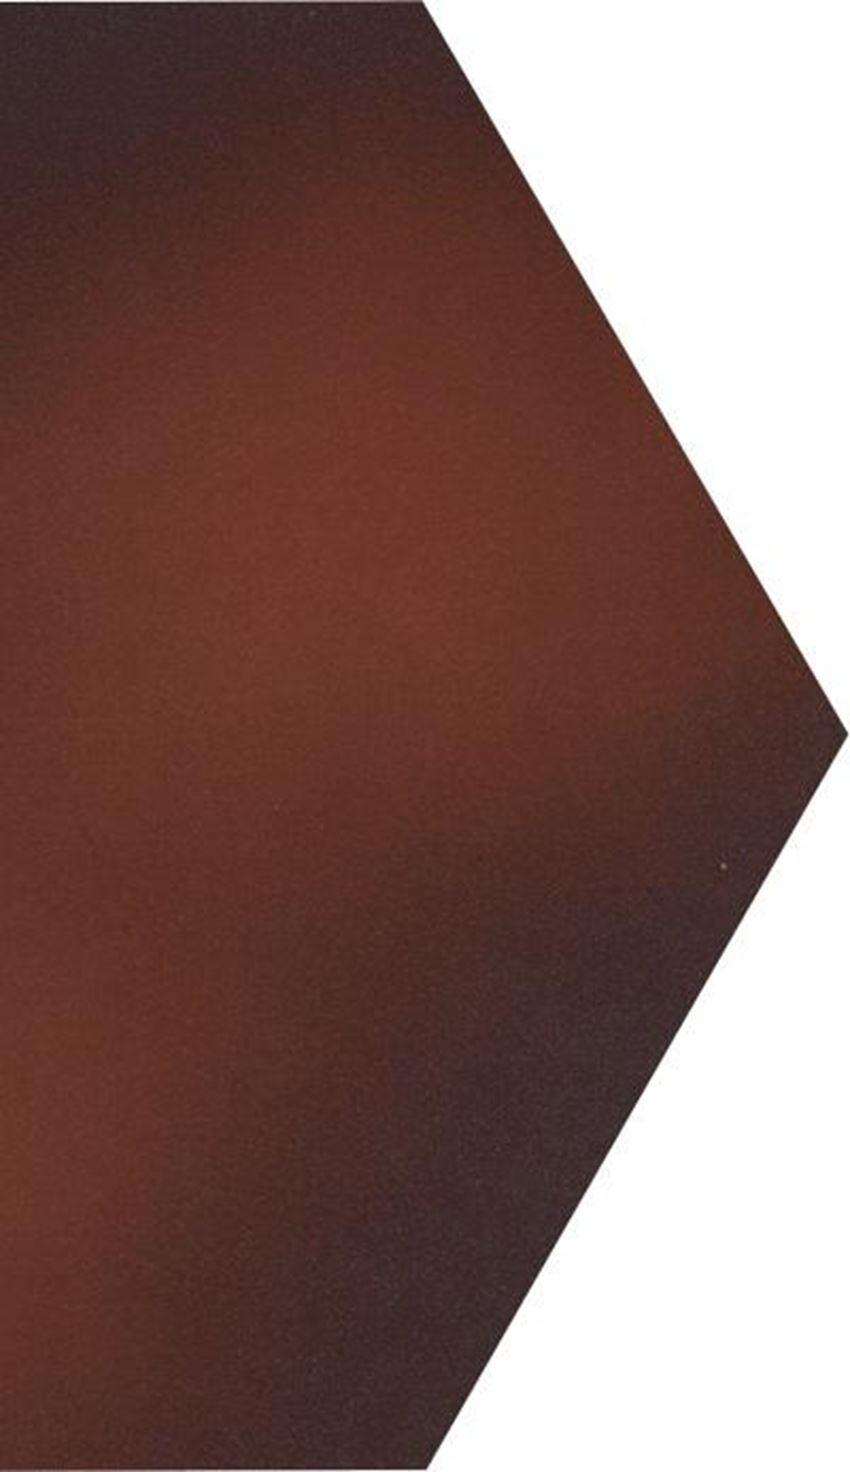 Dekoracja podłogowa Paradyż Cloud Brown Połowa